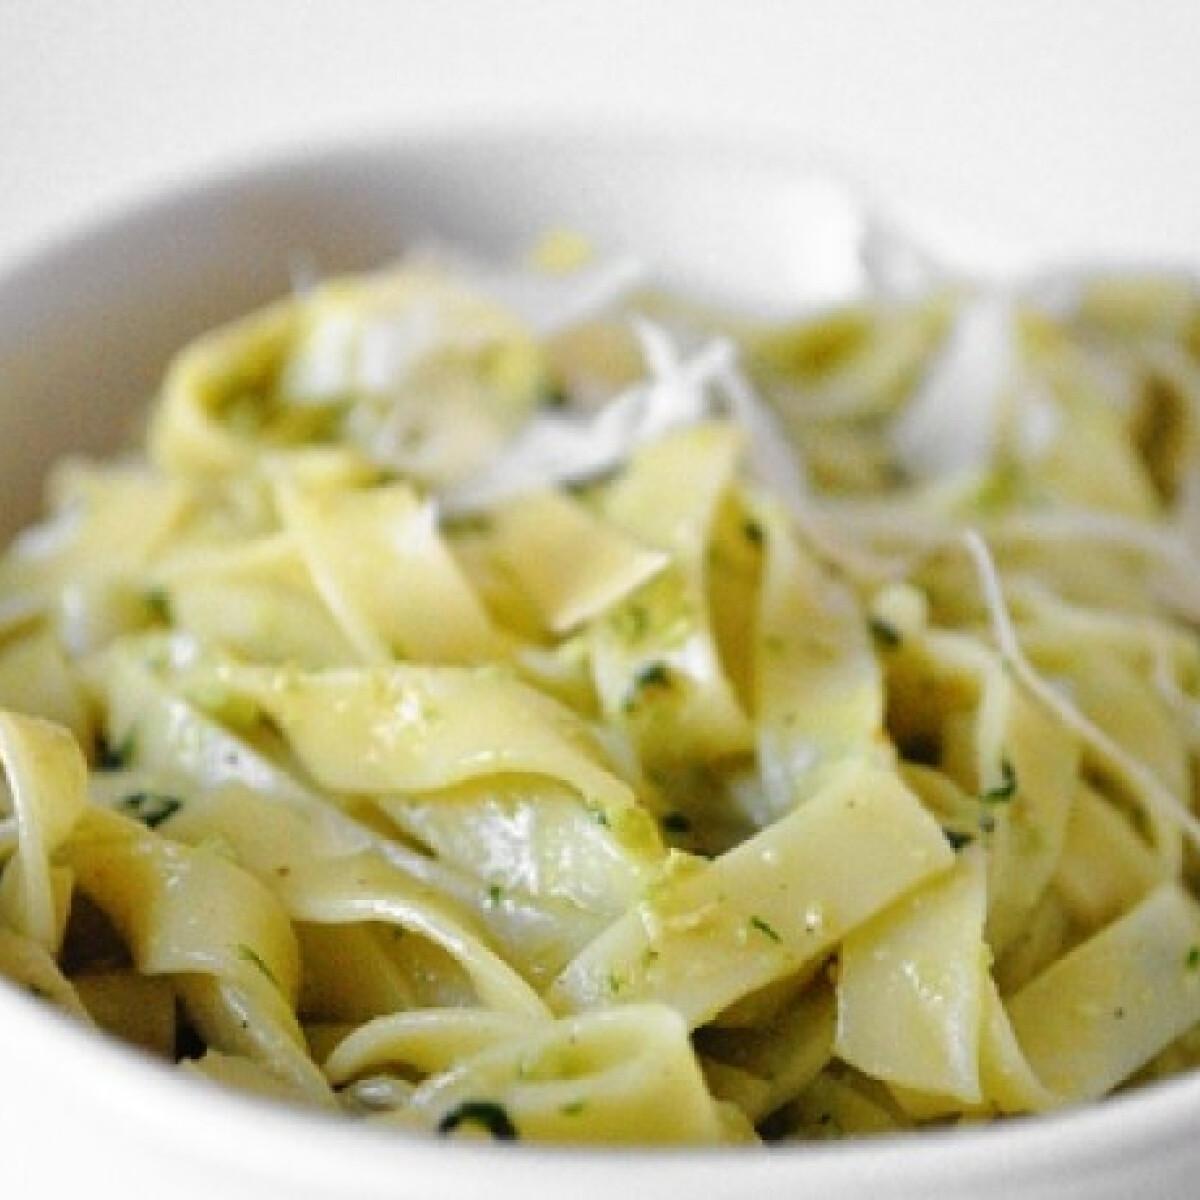 Ezen a képen: Pesto alla Genovese tagliatelle-vel